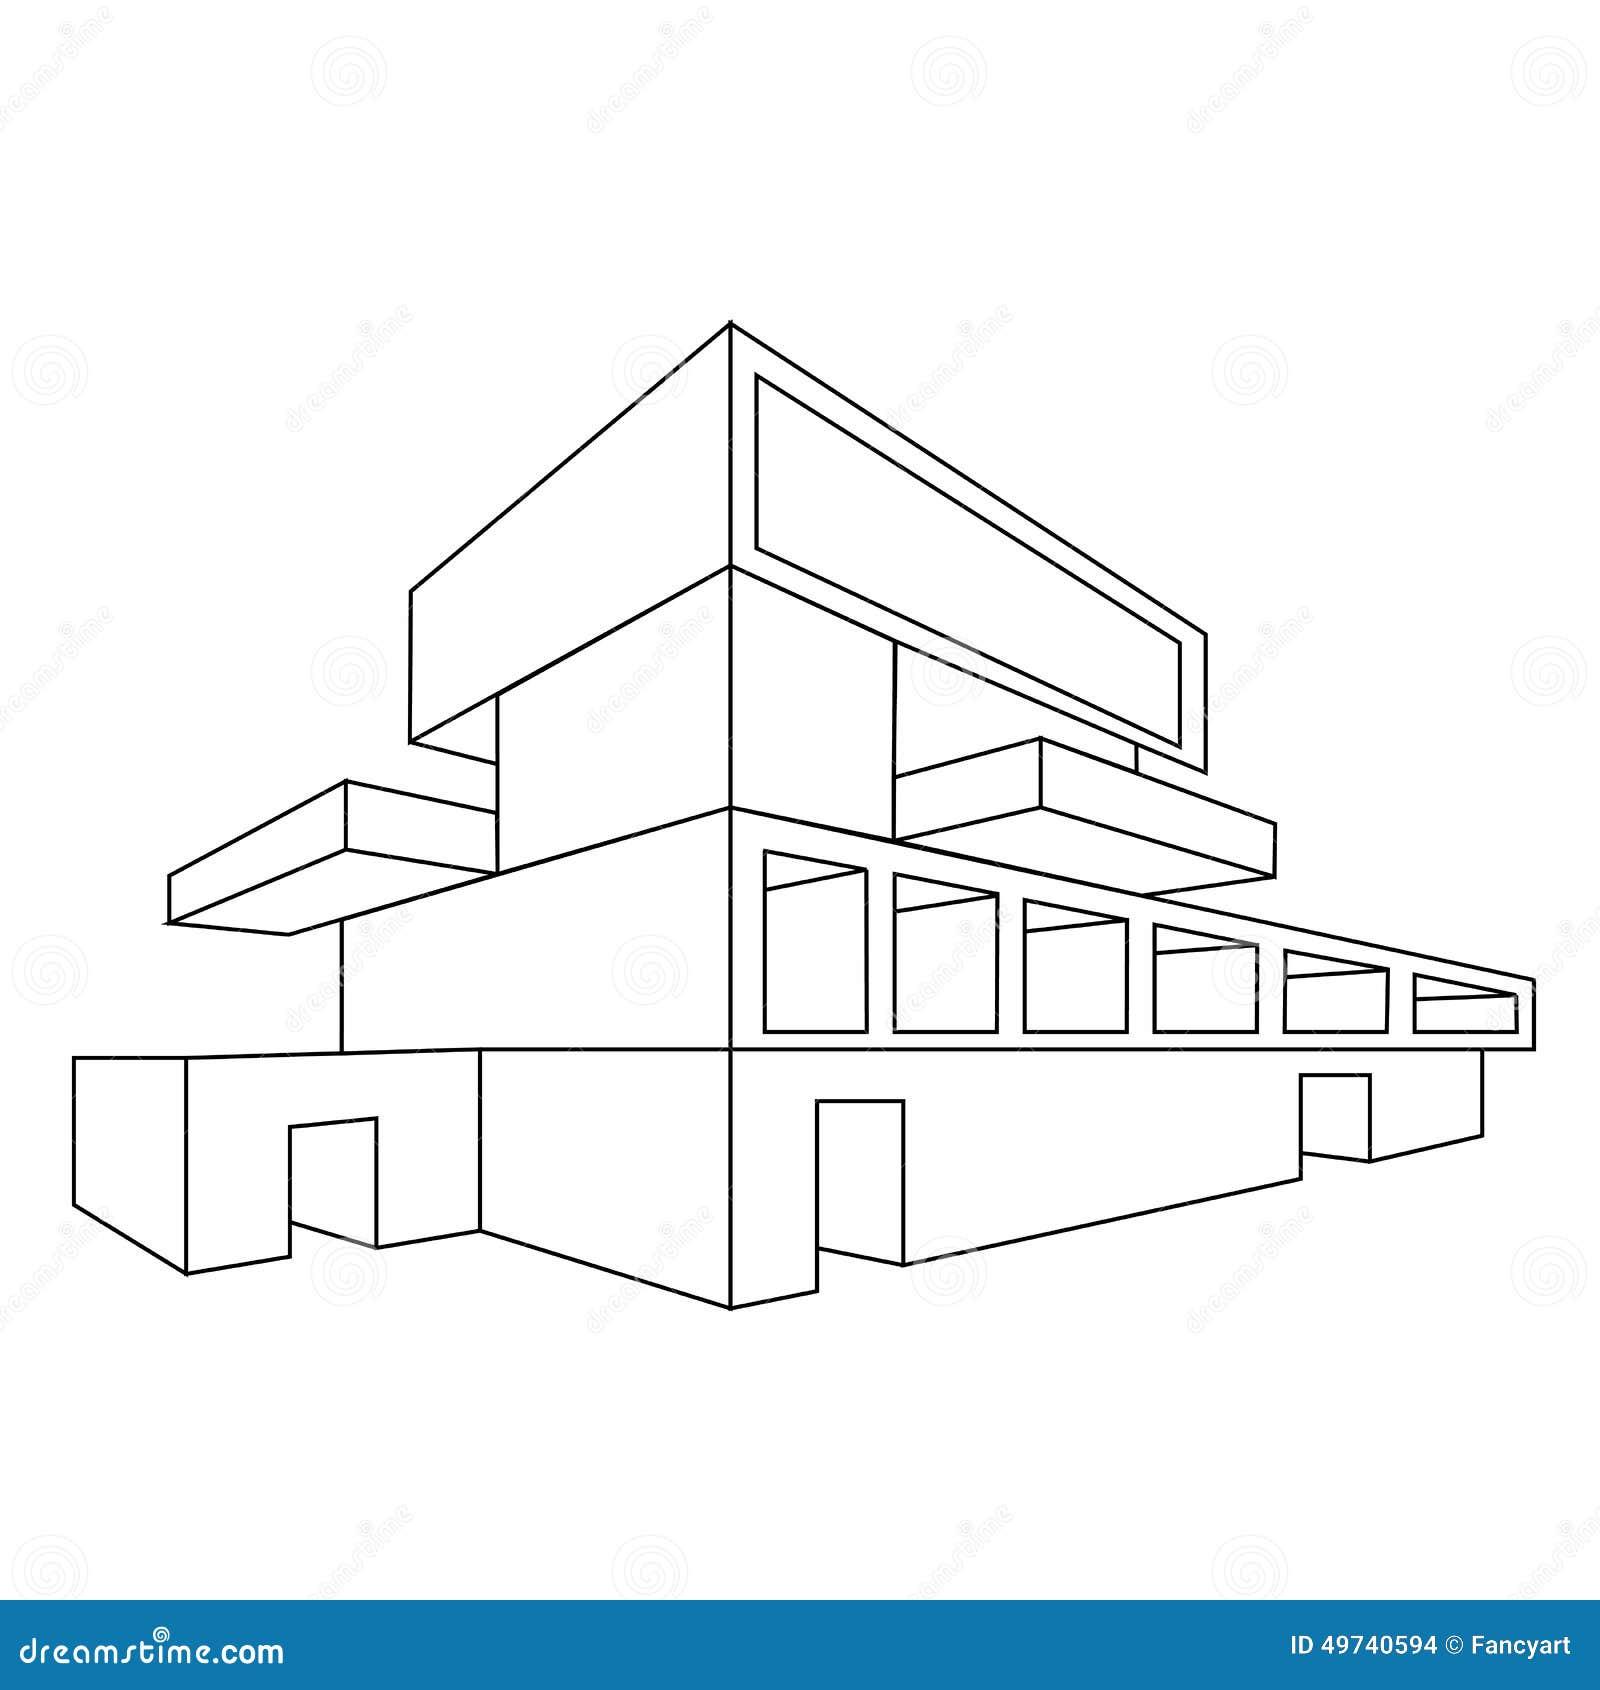 Dessin D Une Maison En Perspective : D dessin de perspective maison illustration vecteur